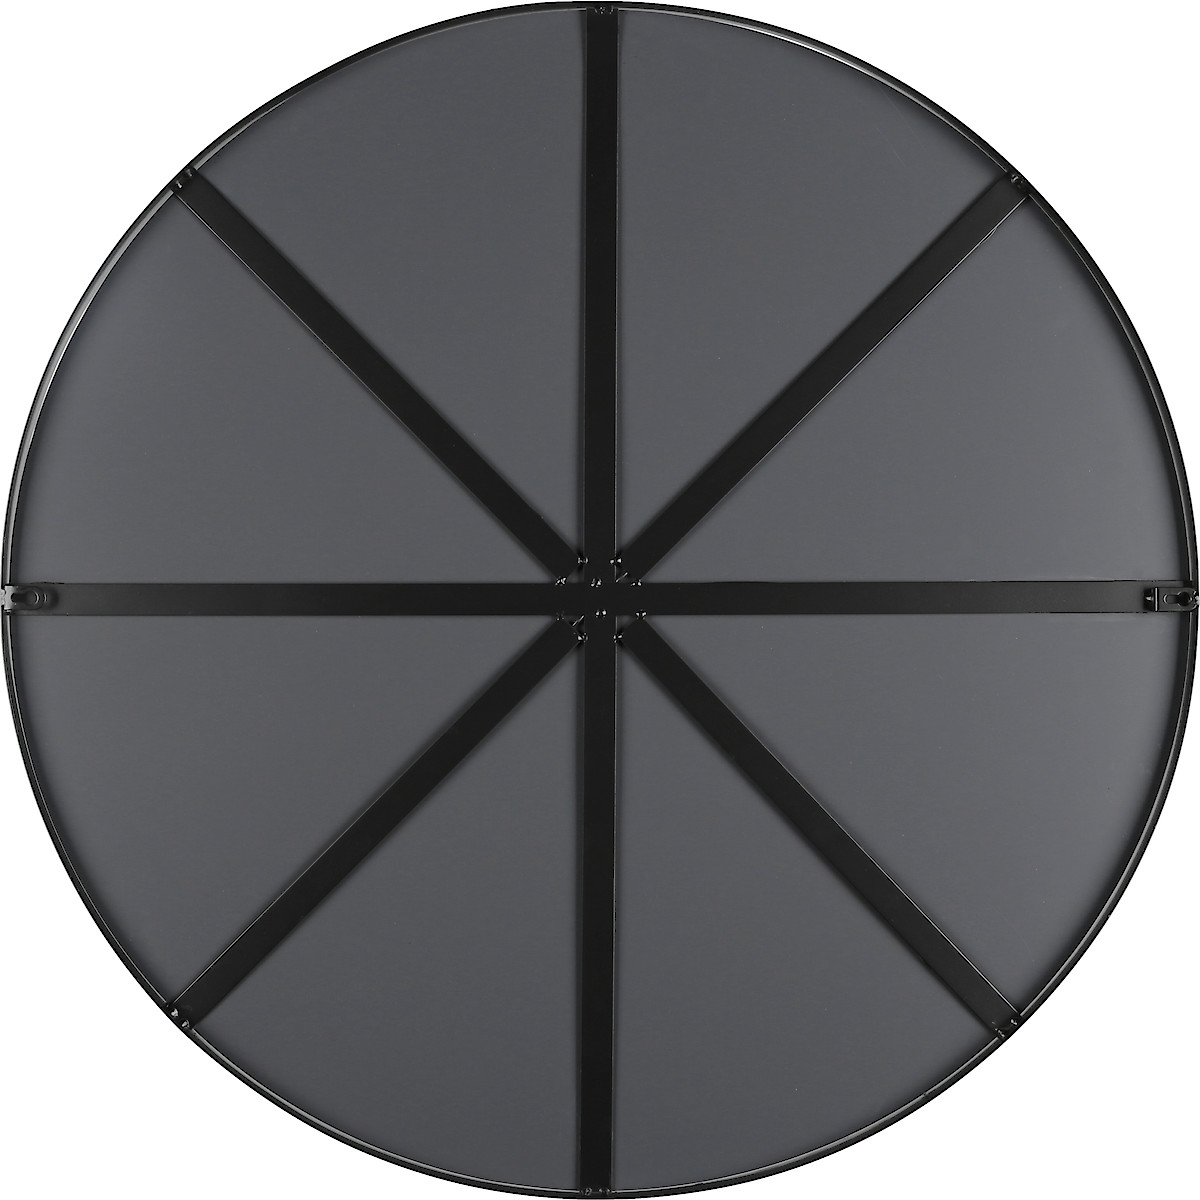 Stort rund speil i svart ramme, 75 cm